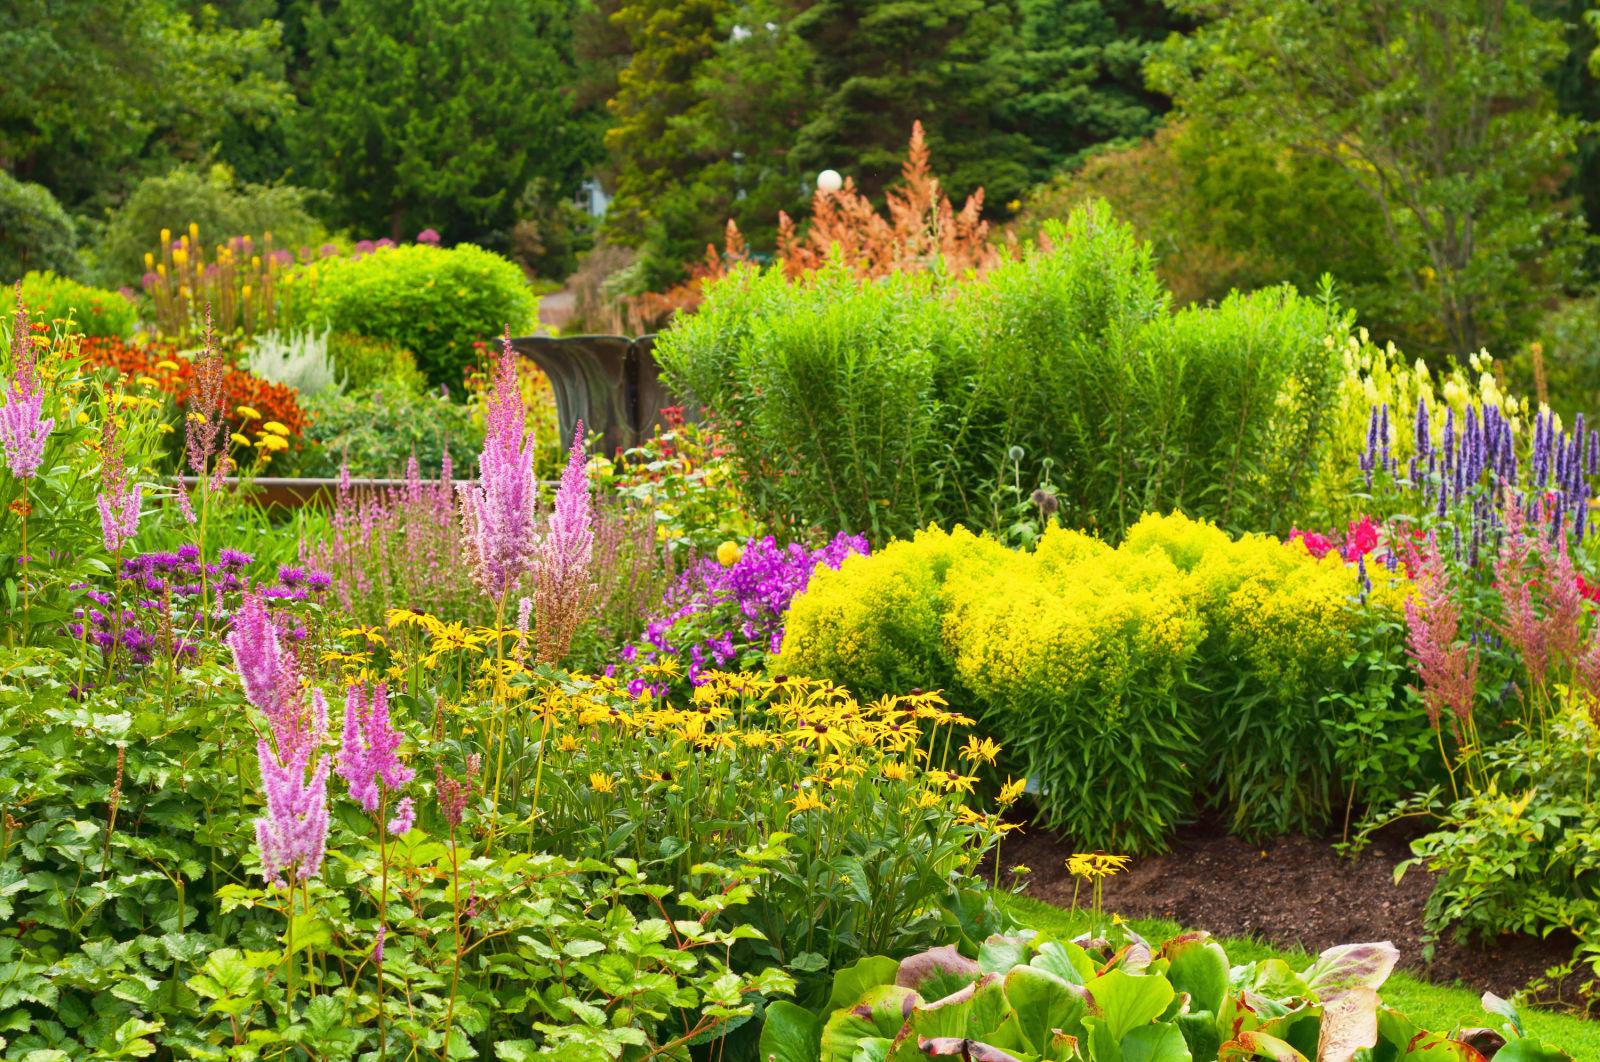 Weeds in flower beds organic killer - Weeds In Flower Beds Organic Killer 57